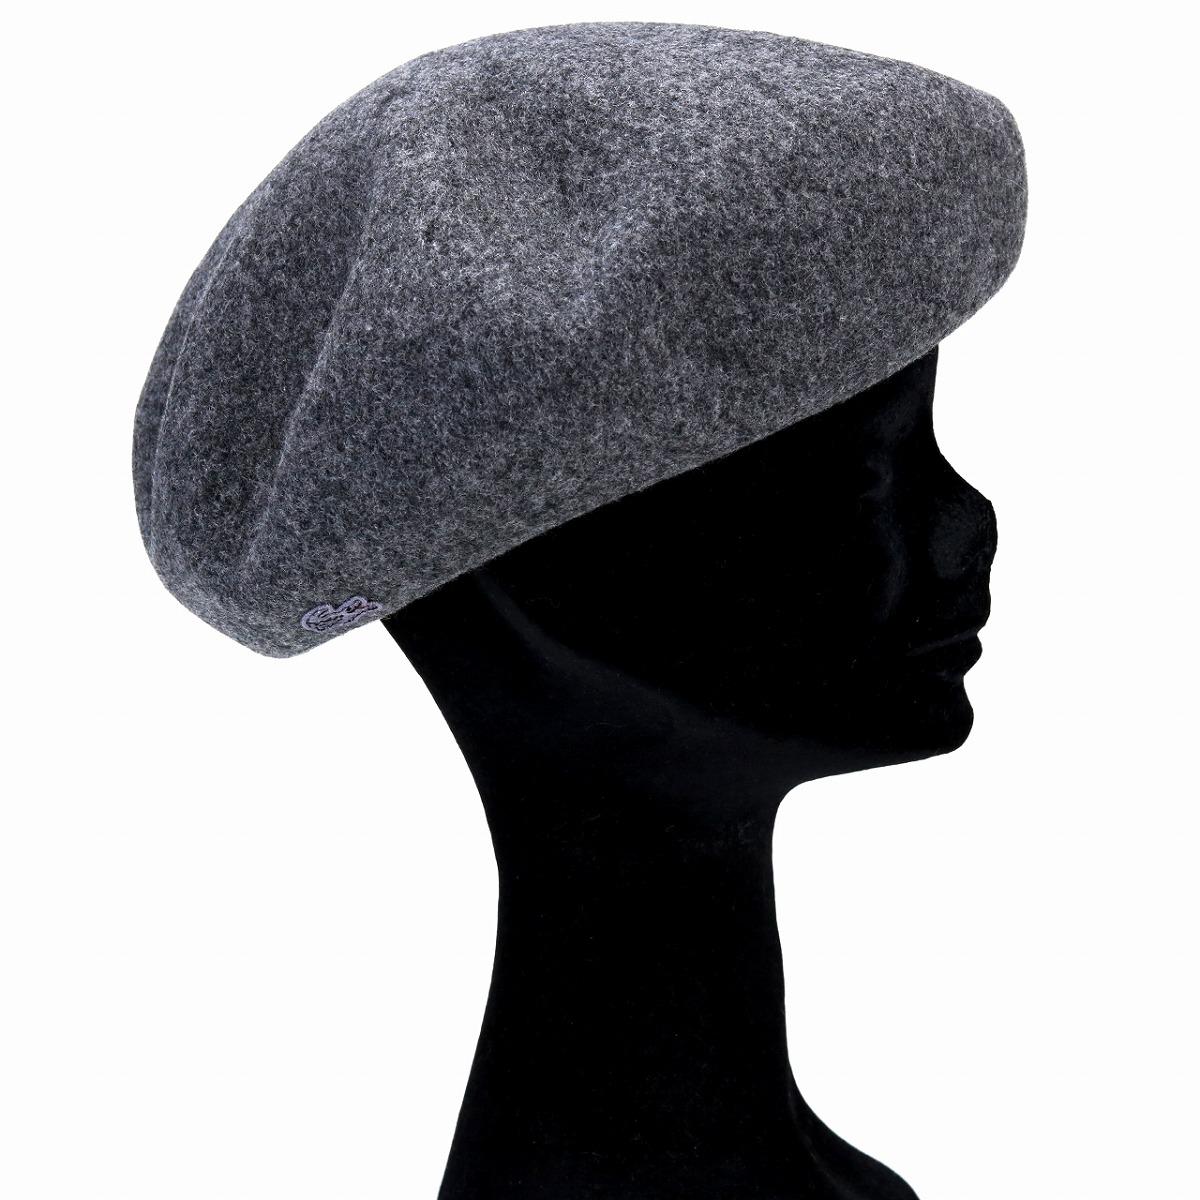 images détaillées large sélection nouveau authentique LACOSTE hat beret men Lacoste Basque beret plain fabric Shin pull lacoste  hat Lady's beret one point hair 100% 57cm man and woman combined use ...